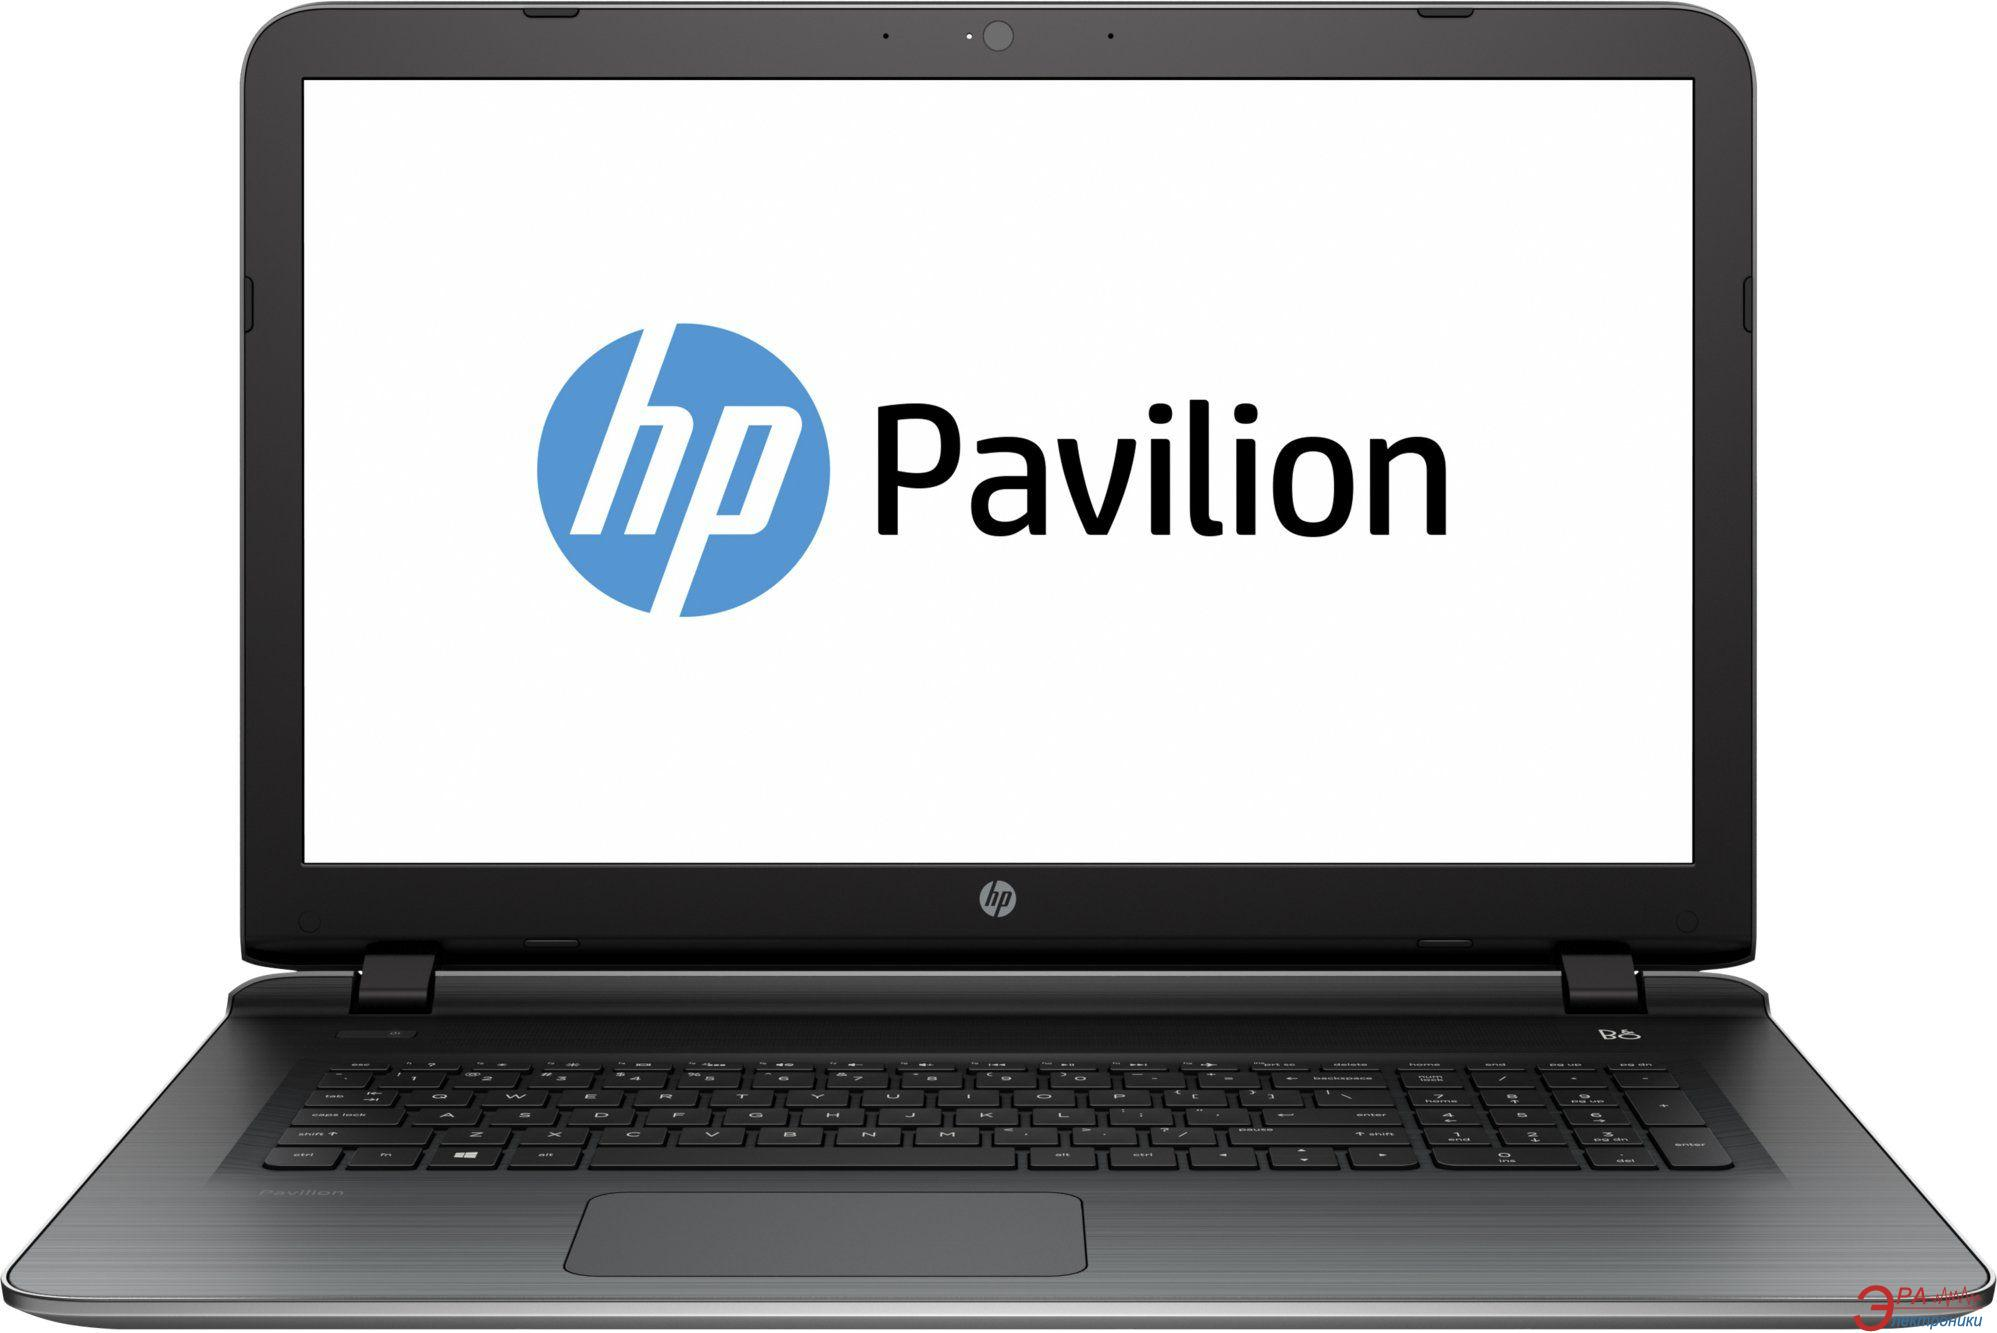 Ноутбук HP Pavilion 17-g196ur (P3M15EA) Silver 17,3